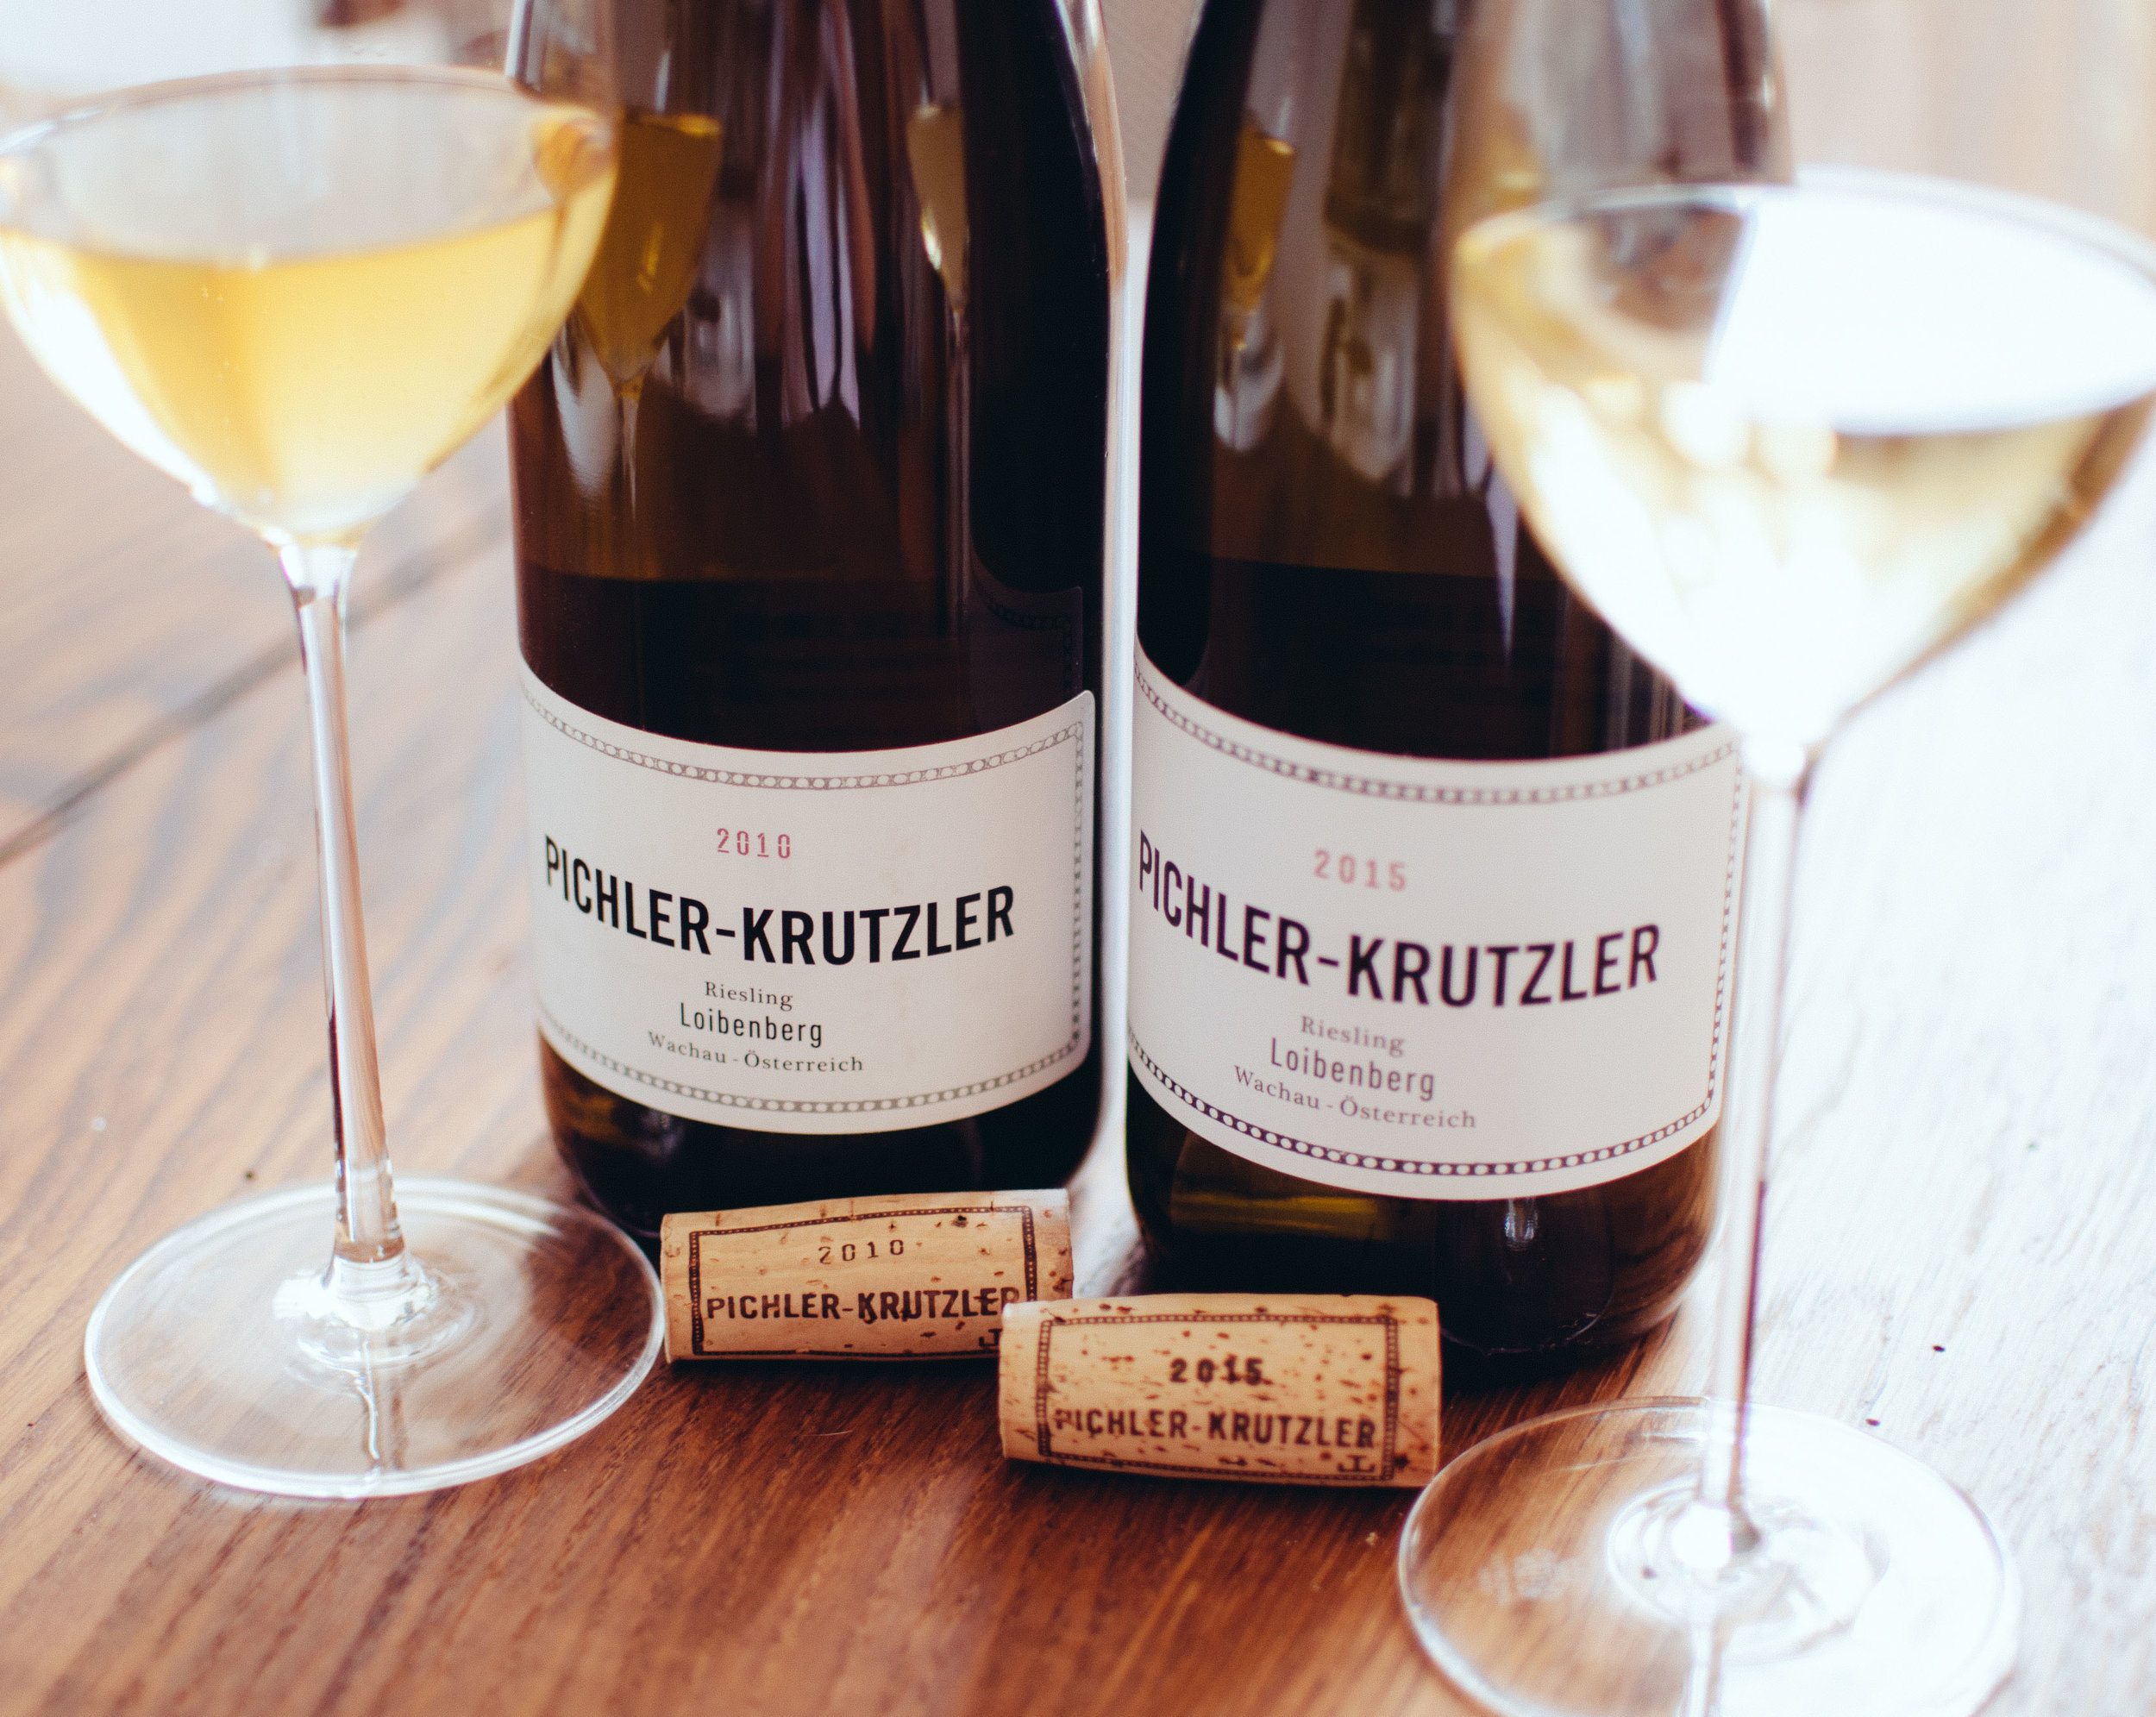 Pichler-Krutzler Loibenberg